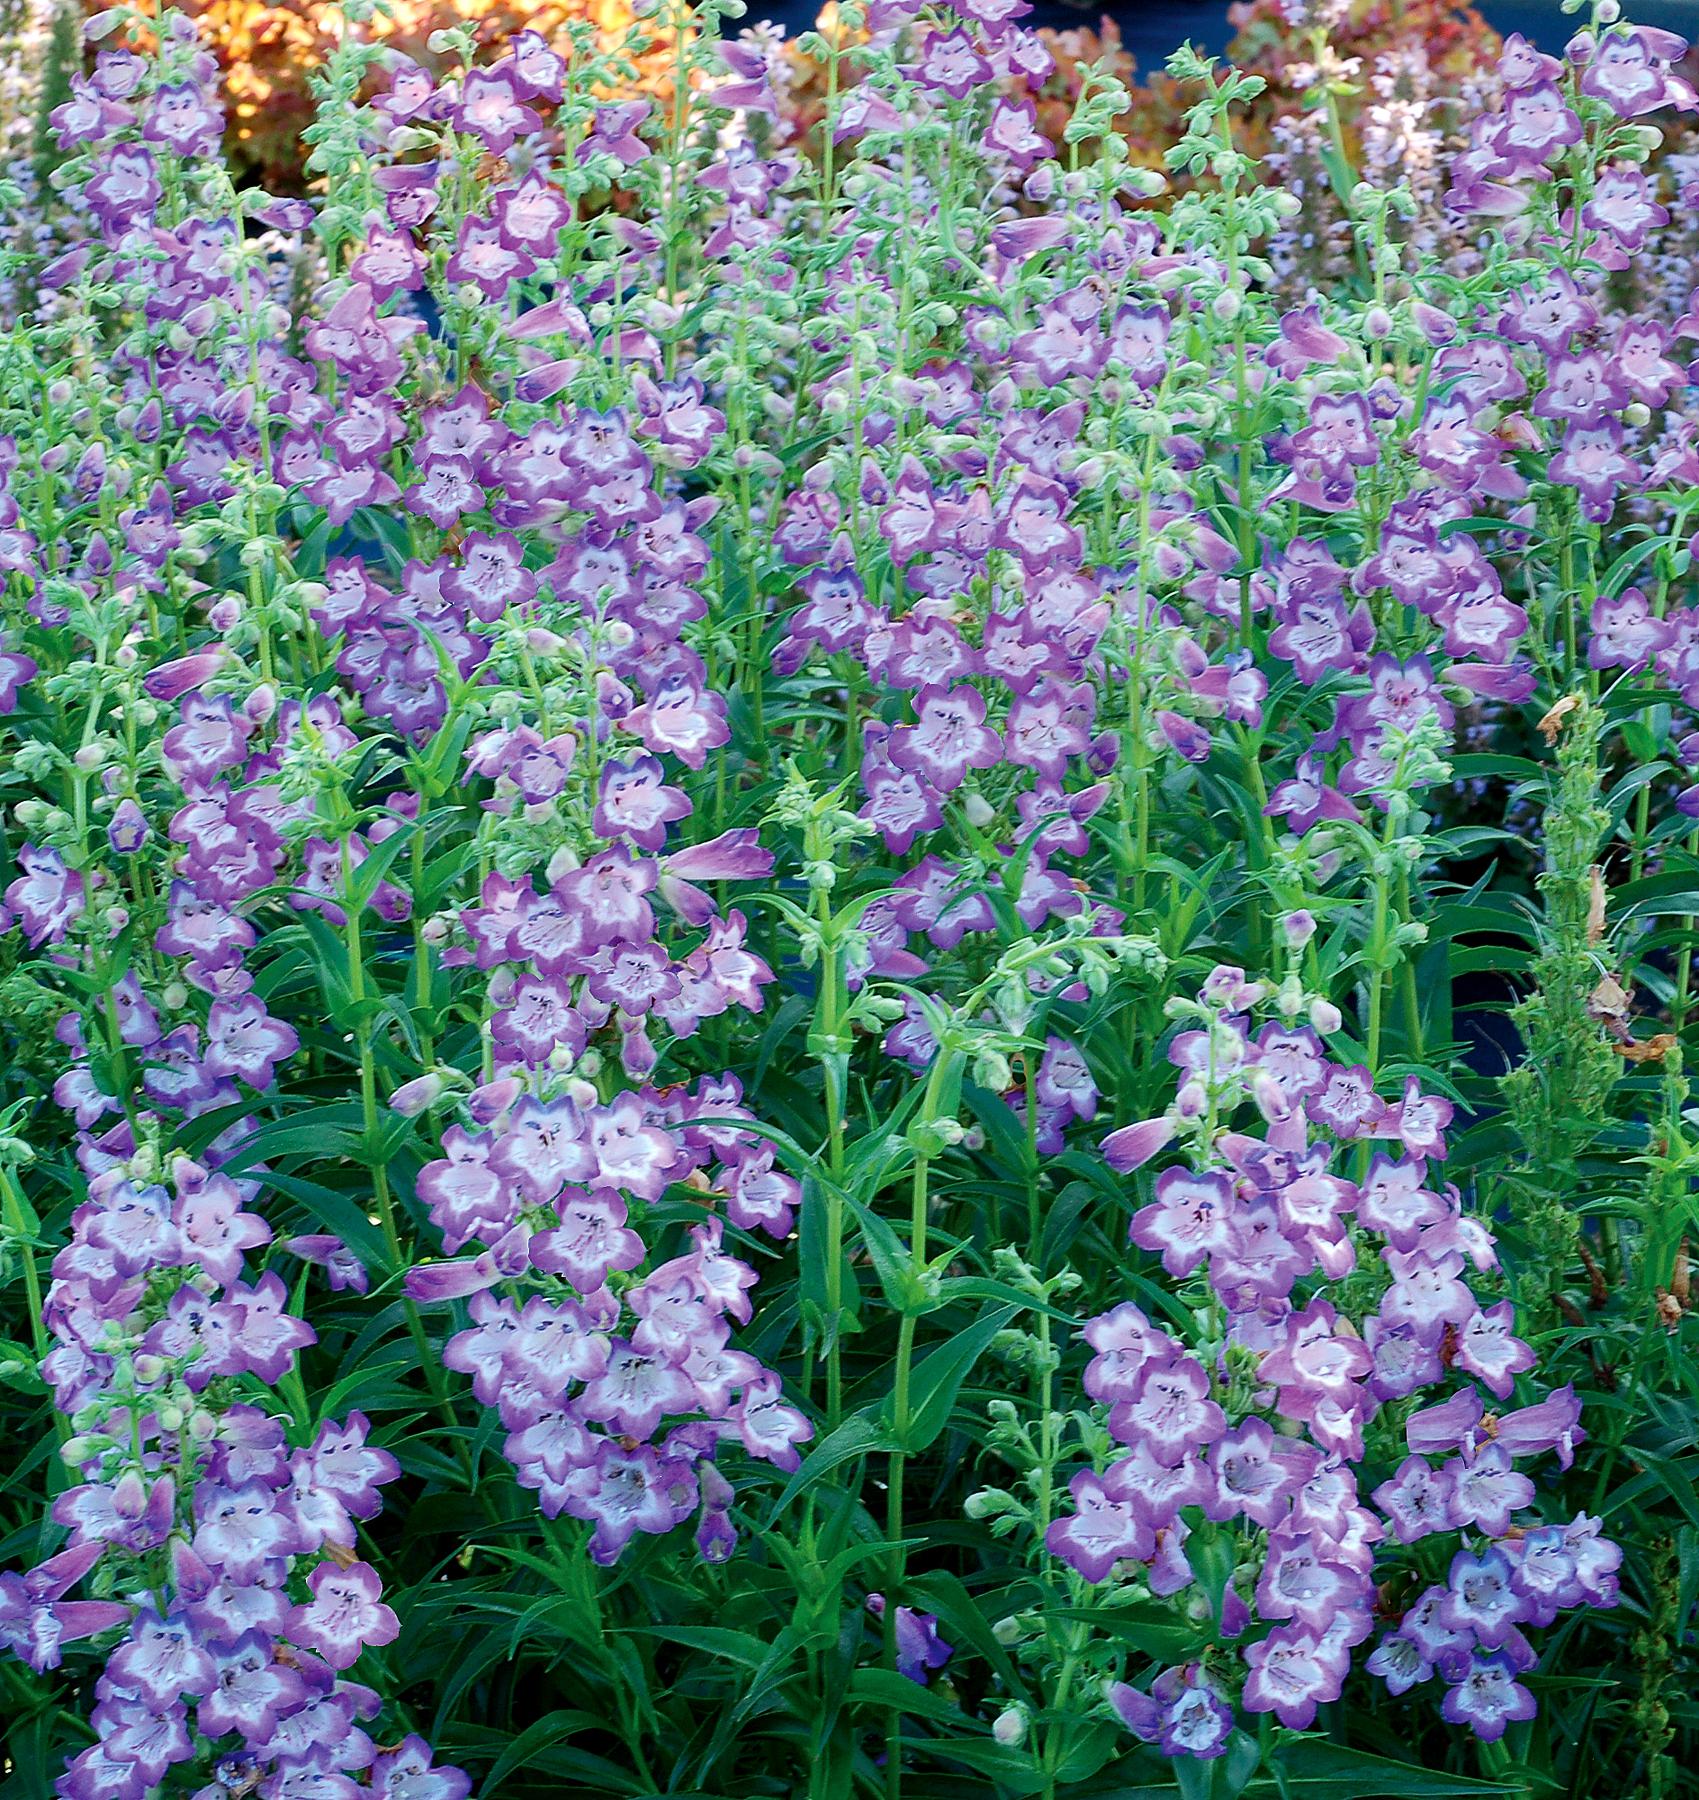 Penstemon-Cha-Cha-Lavender-4.jpg